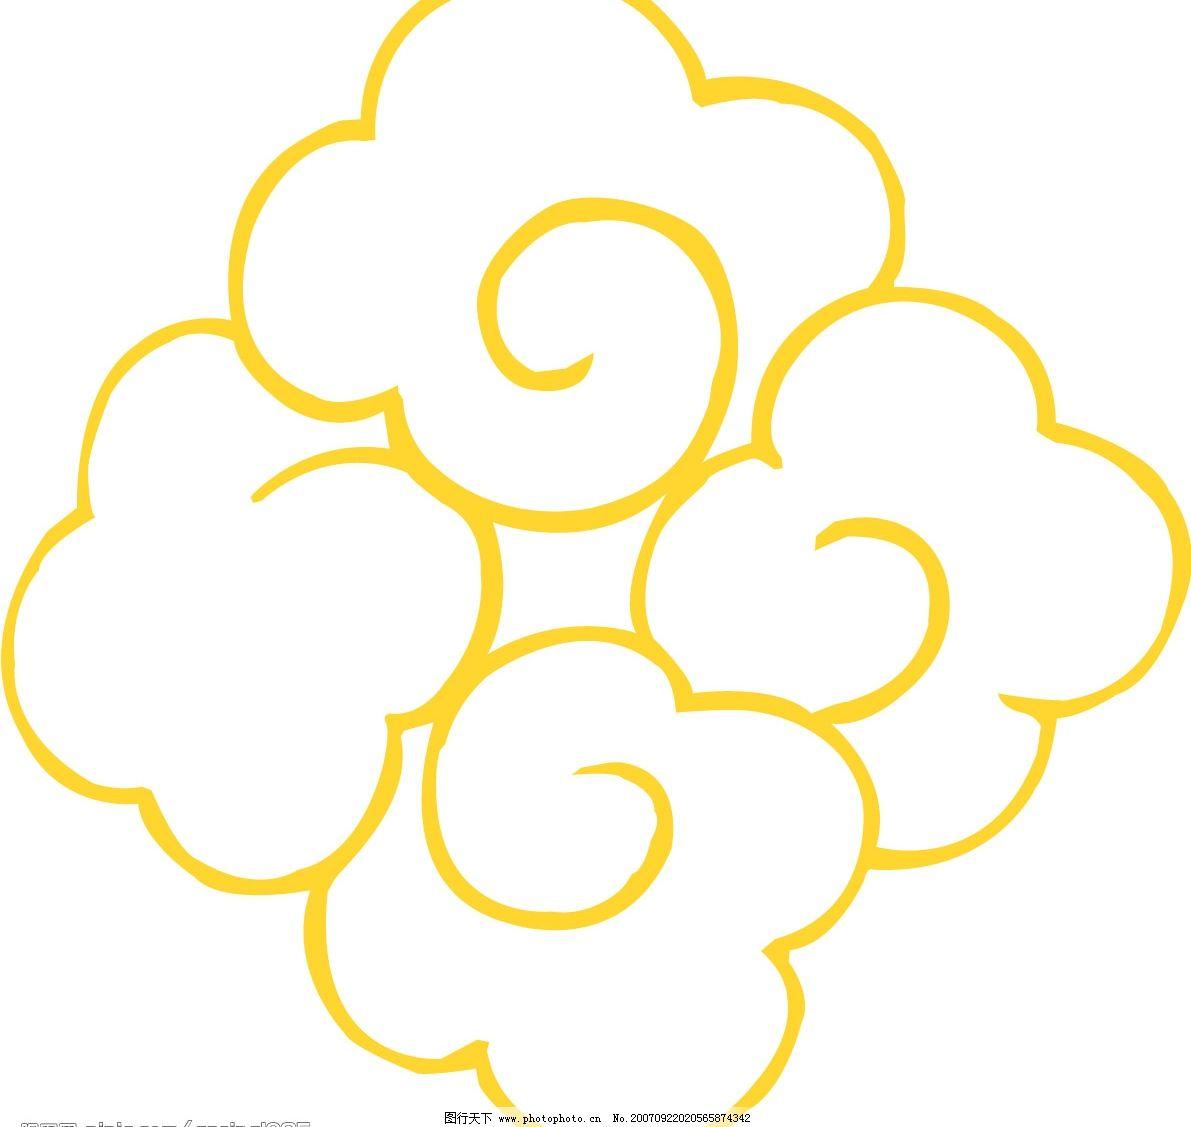 矢量云纹19 底纹边框 条纹线条 矢量云纹图 矢量图库